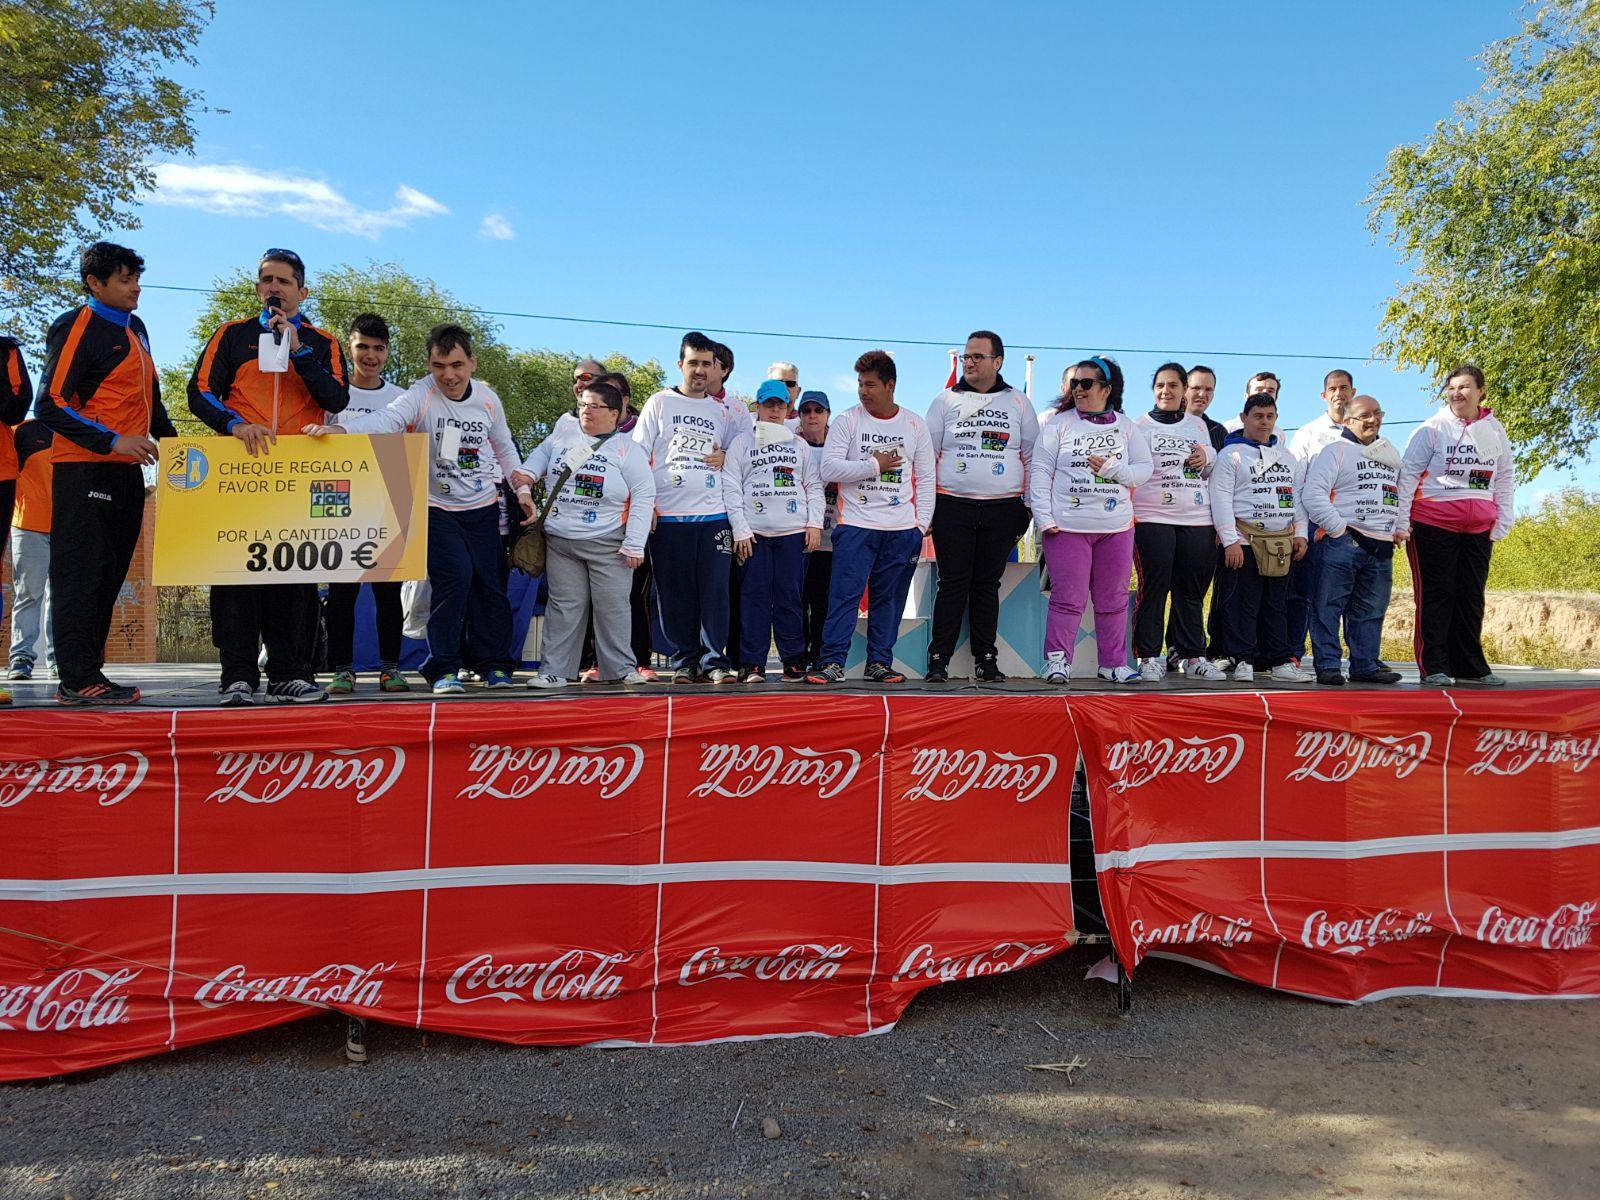 El III Cross Solidario Velilla de San Antonio recaudó 3.000 euros para la Asociación Mosayco